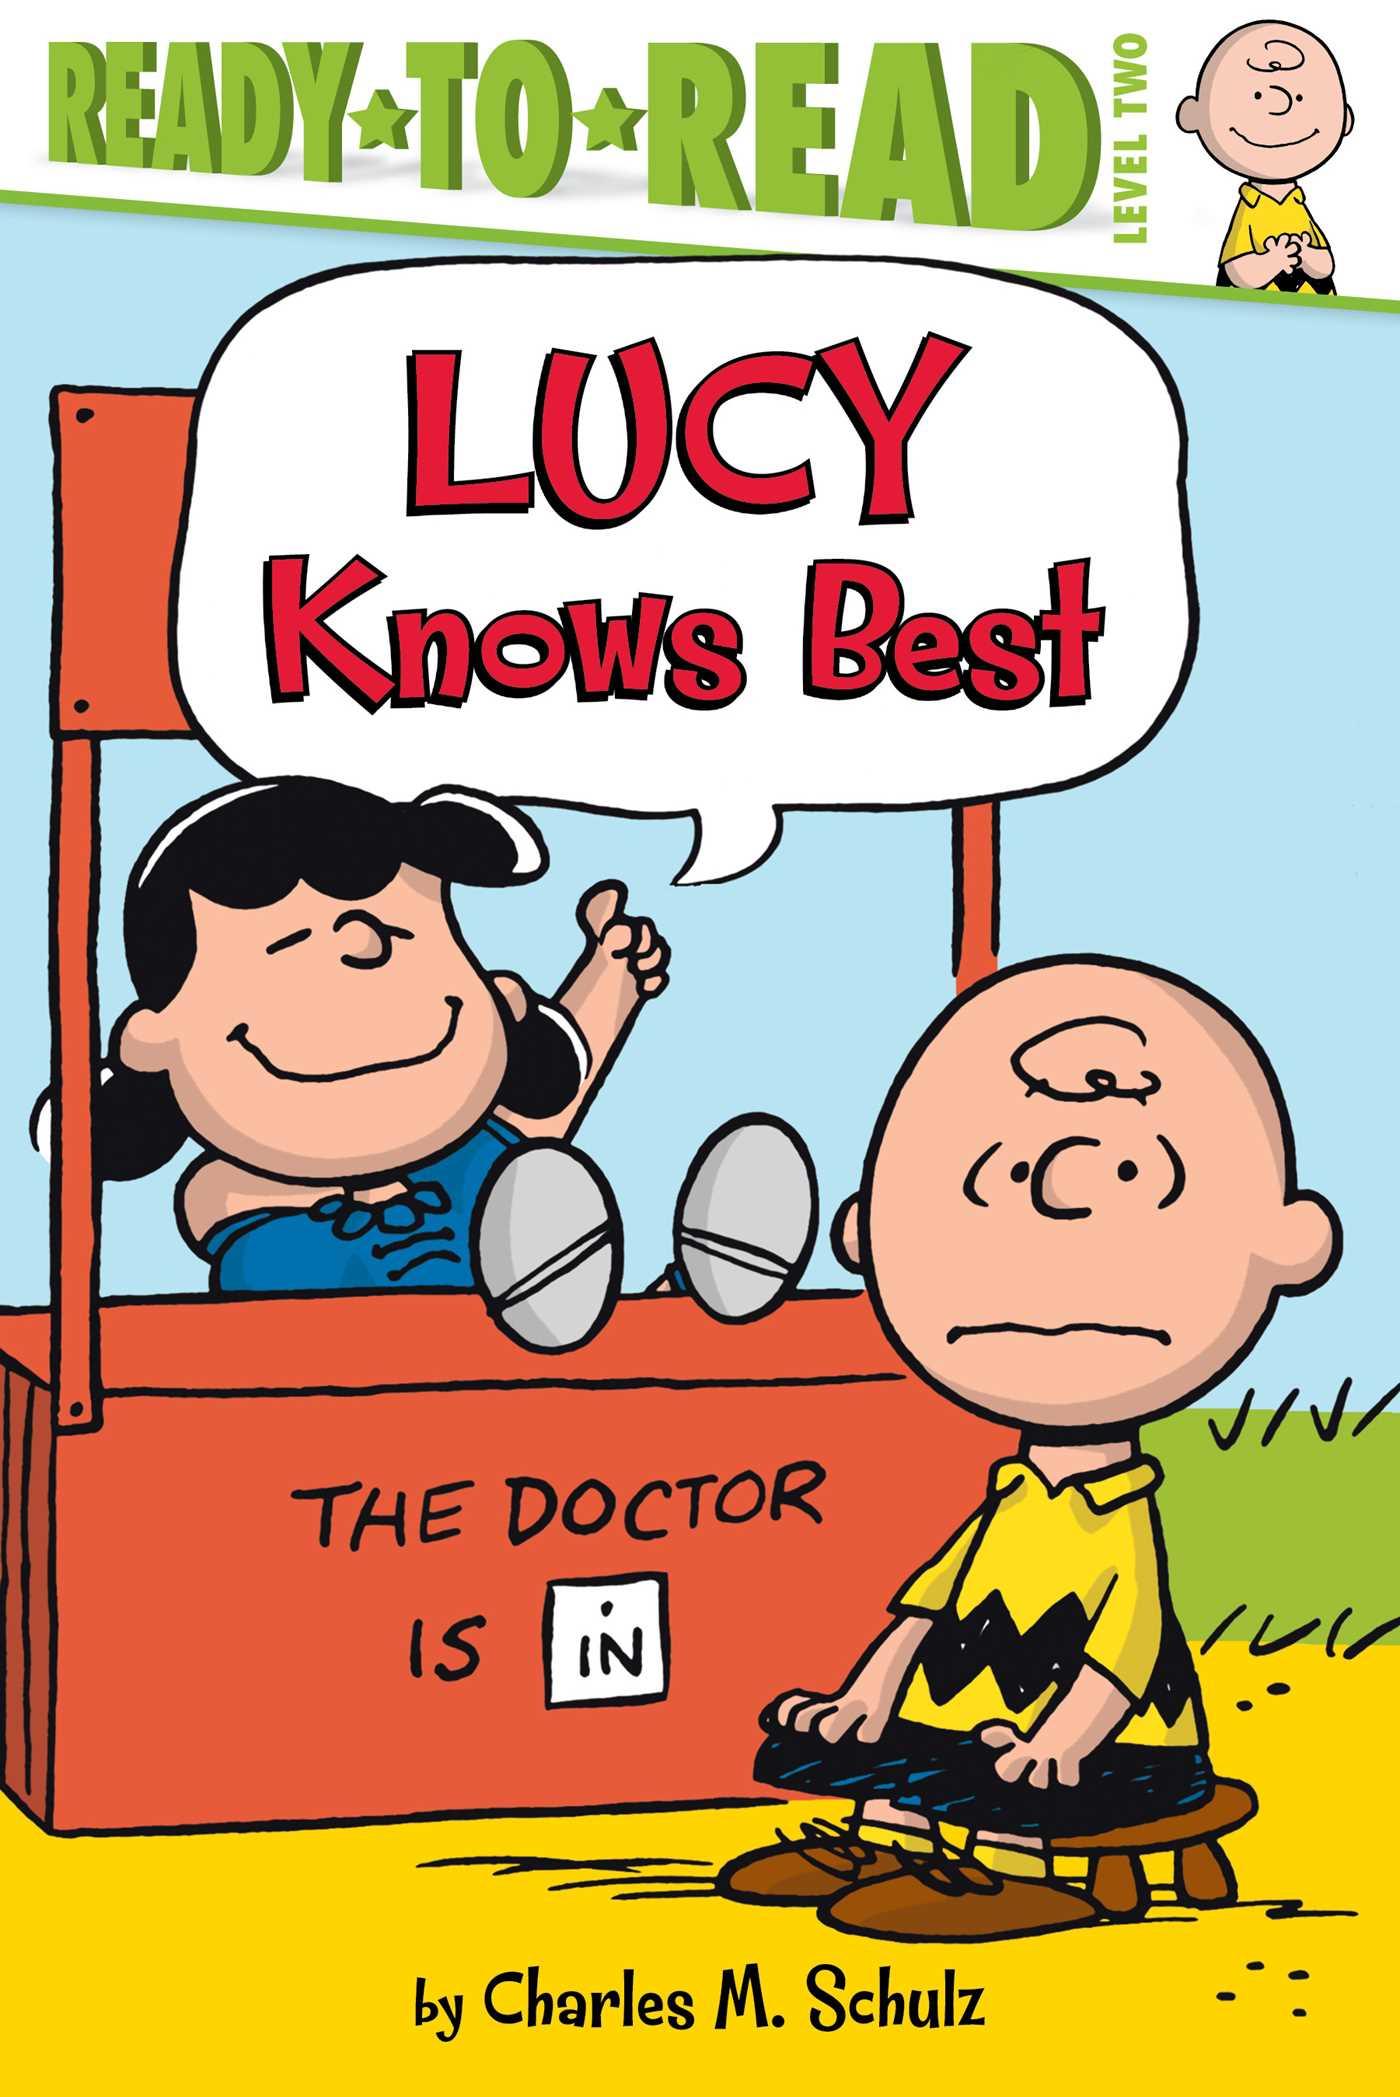 Lucy knows best 9781481467728 hr